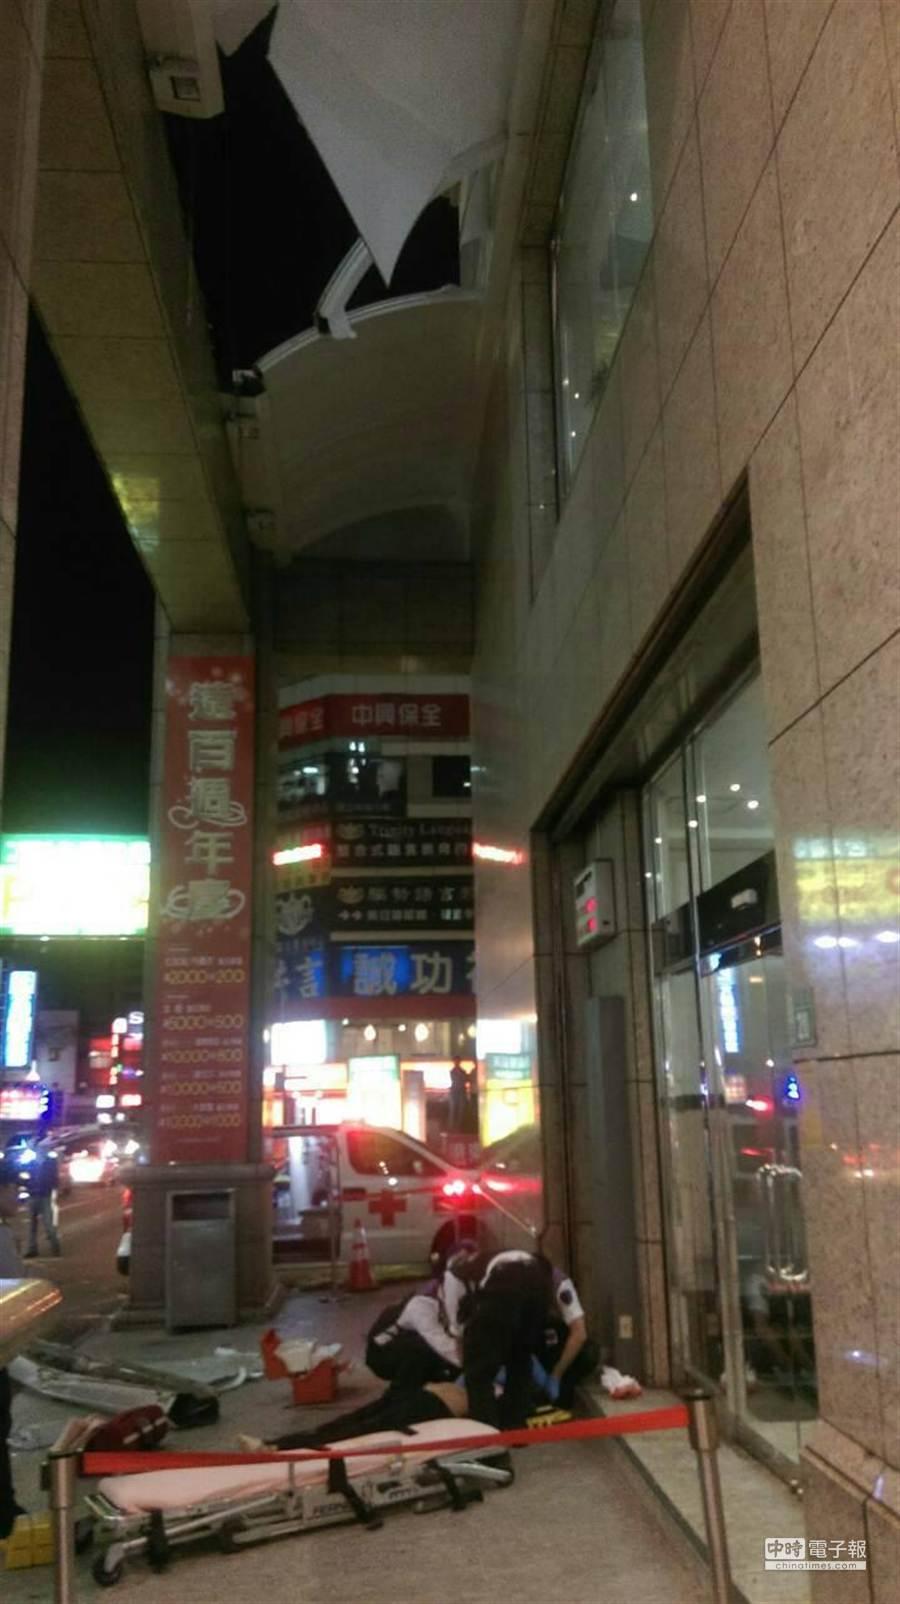 女子疑從11樓爬上逃生窗後,先撞上5樓的遮陽板後掉落地面,送醫前就不治。(甘嘉雯翻攝)